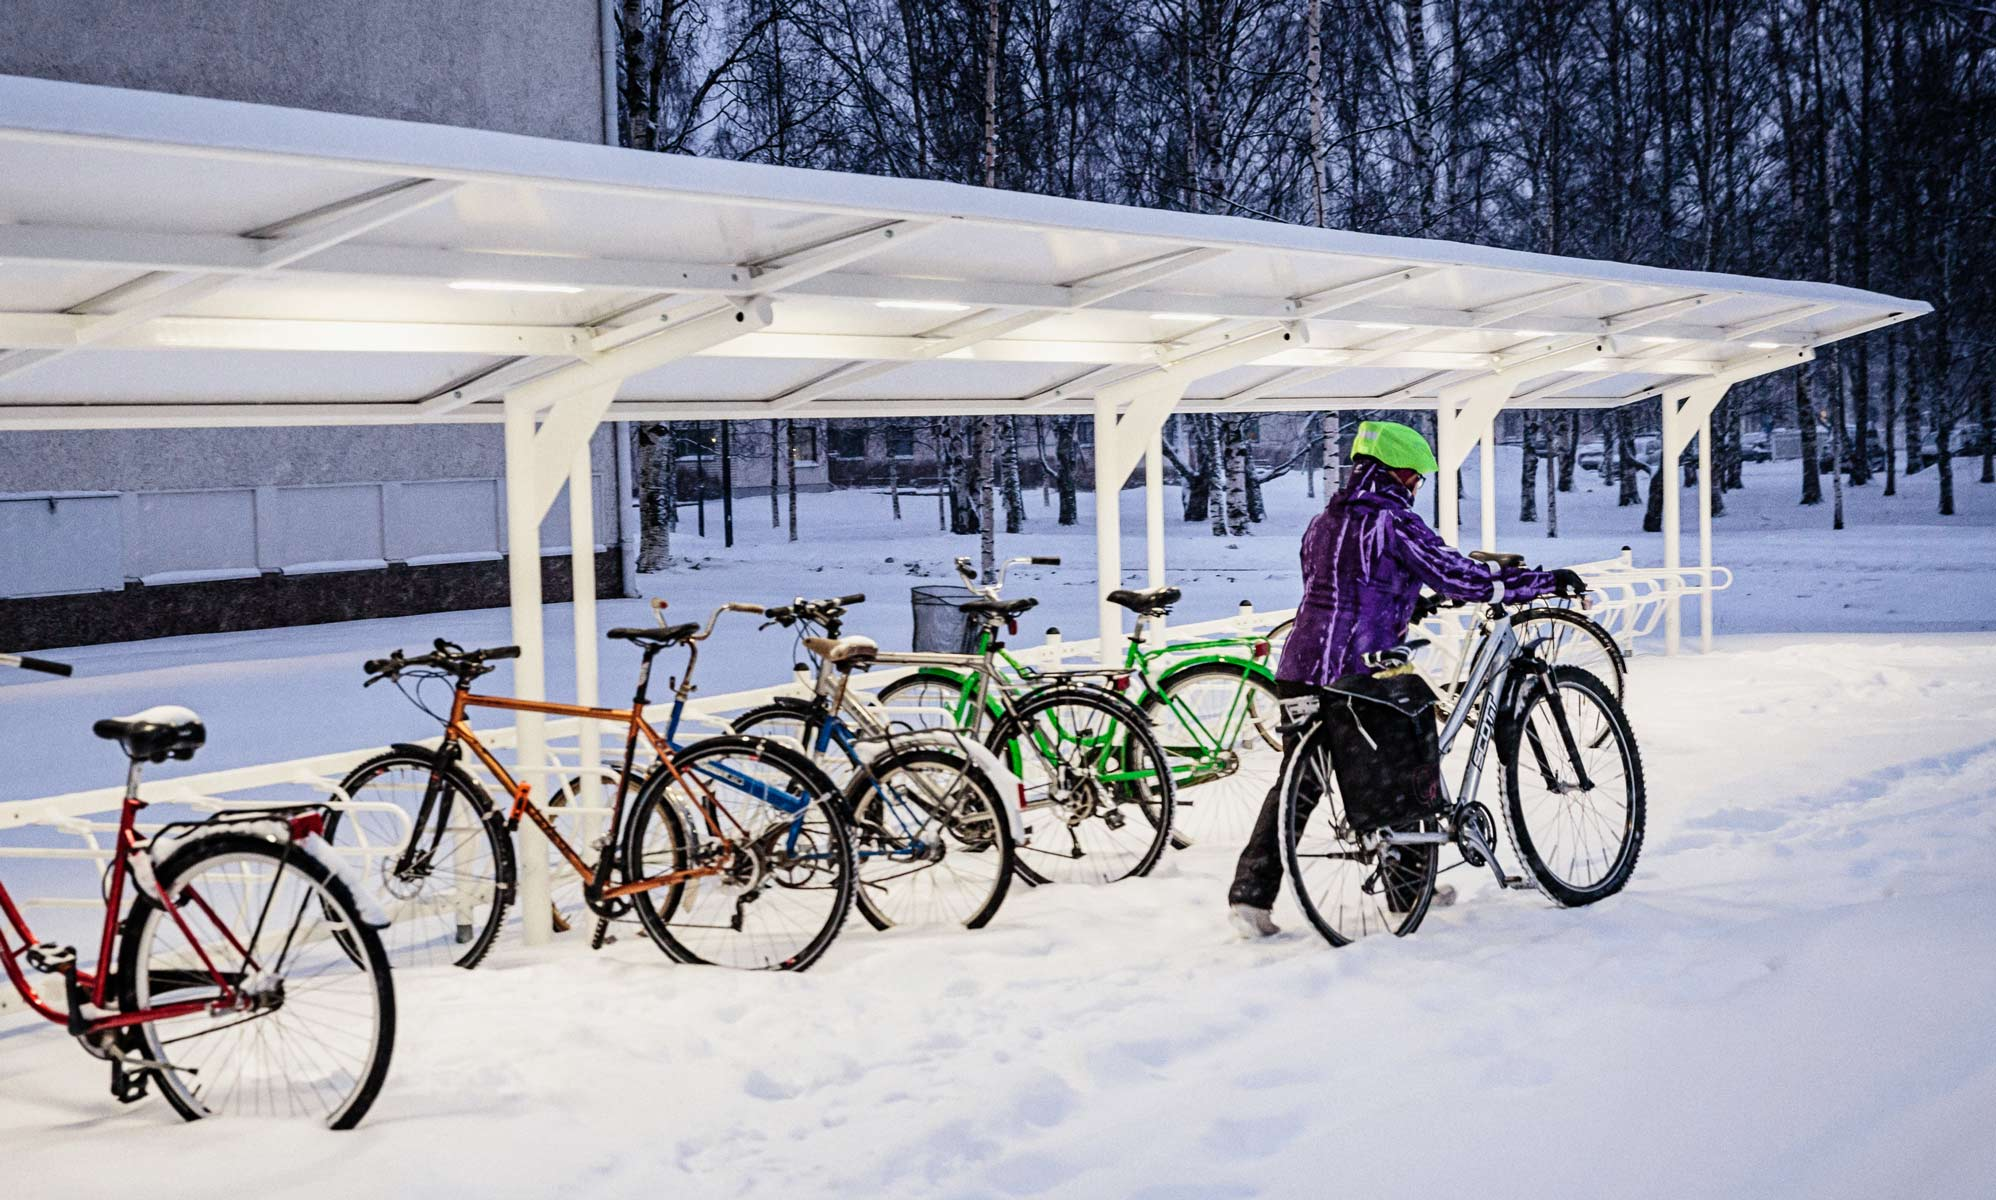 talvipyöräilyä ja pyöränsäilytys katoksen alla